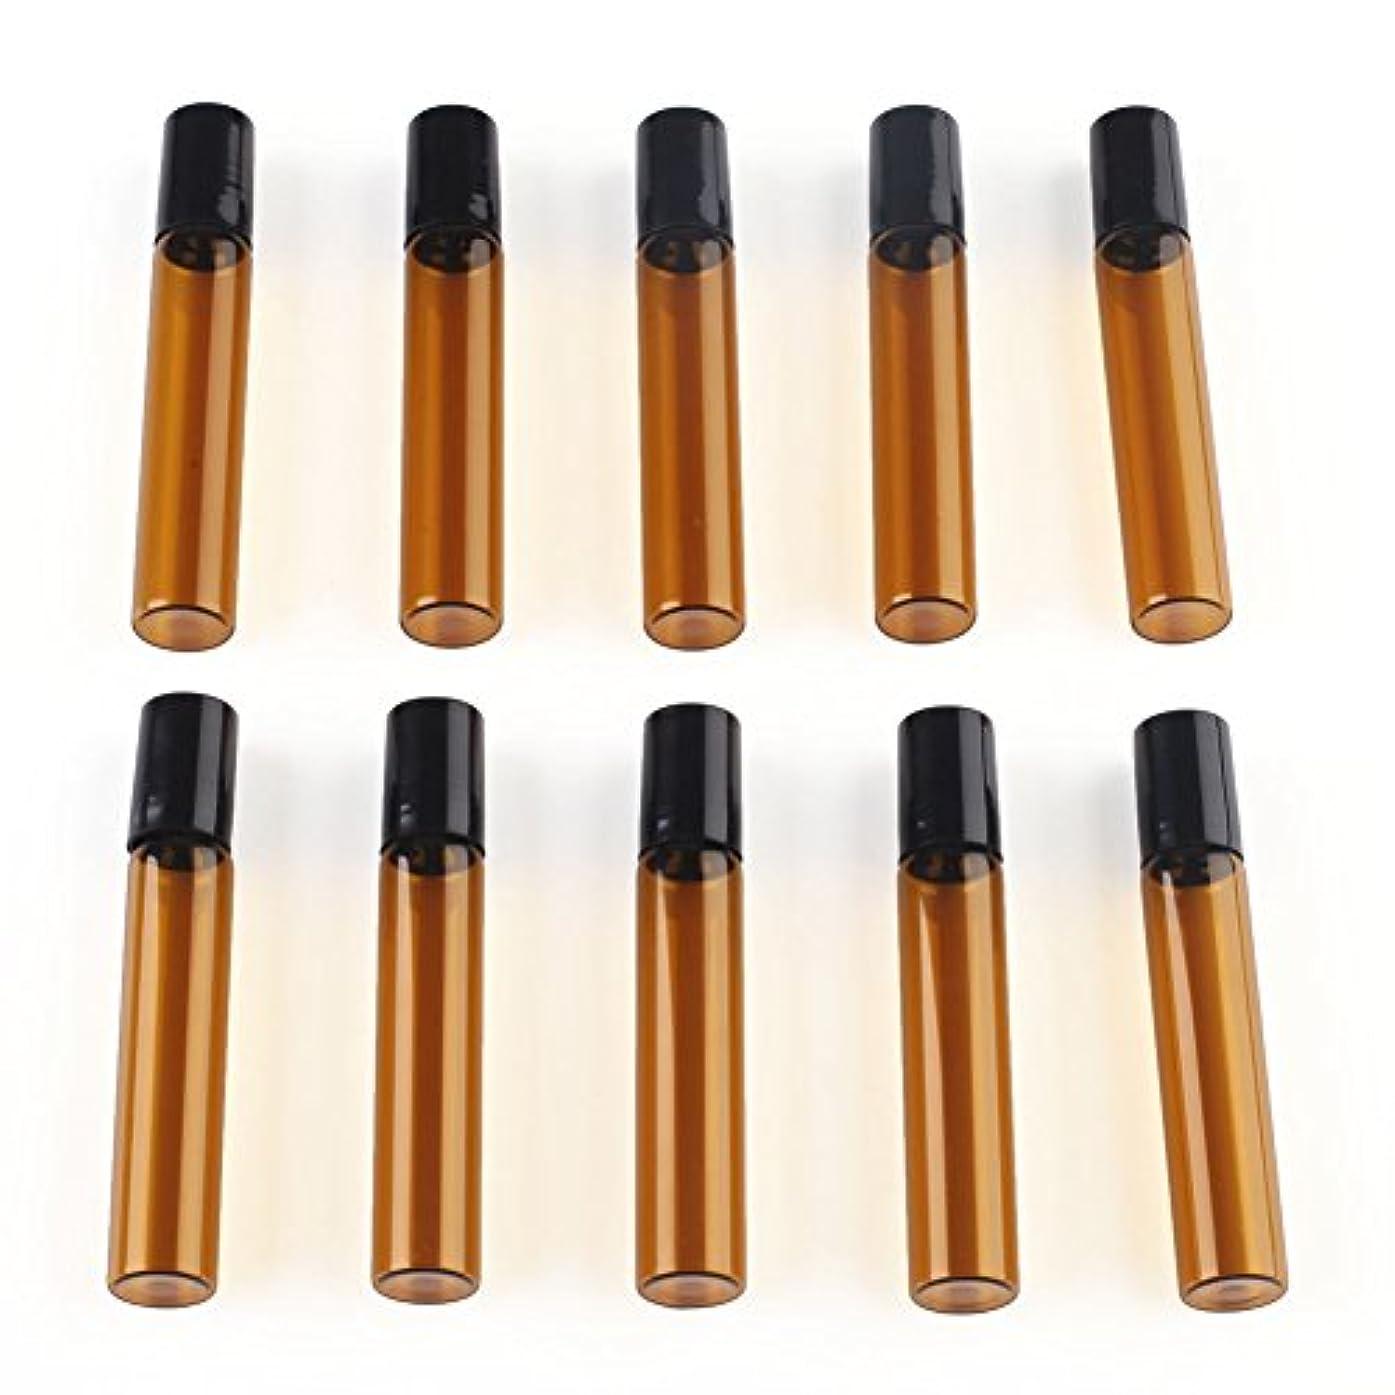 デジタルハッピー地味なSAGULU アロマオイル 精油 小分け用 遮光瓶 遮光ビン ミニガラスアロマボトル エッセンシャルオイル用容器 スチールボールタイプ 5ml、10ml選択可能 アンバー 10本セット (10ml)